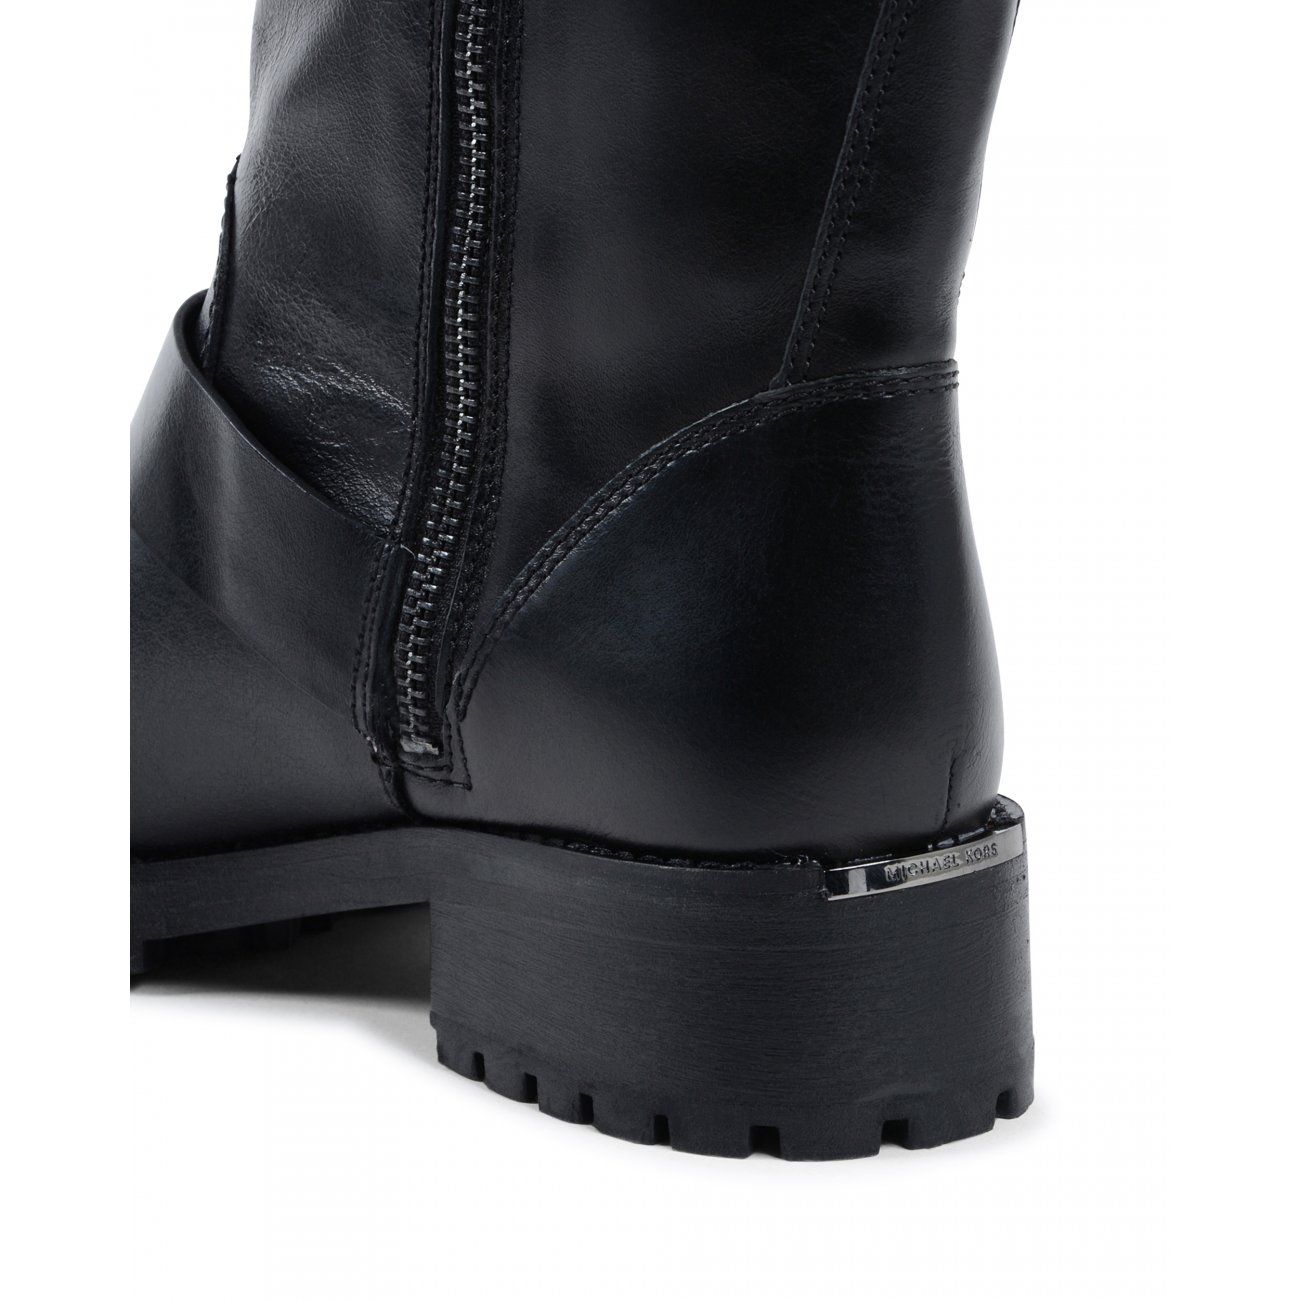 Michael Kors Womens Short Boot Black ROSARIO